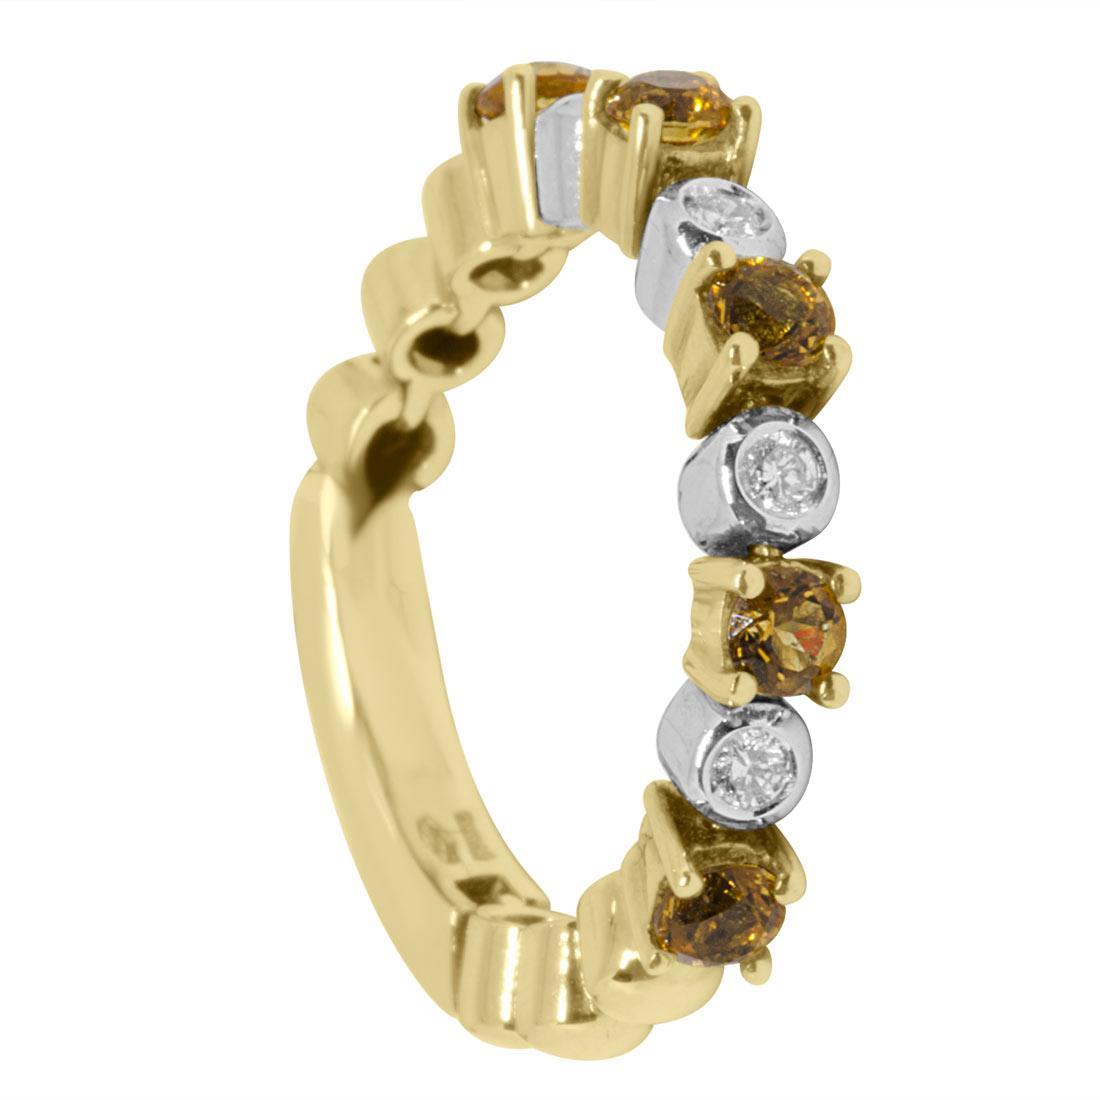 Anello in oro bianco e giallo con diamanti e quarzo citrino mis 13 - ALFIERI ST JOHN